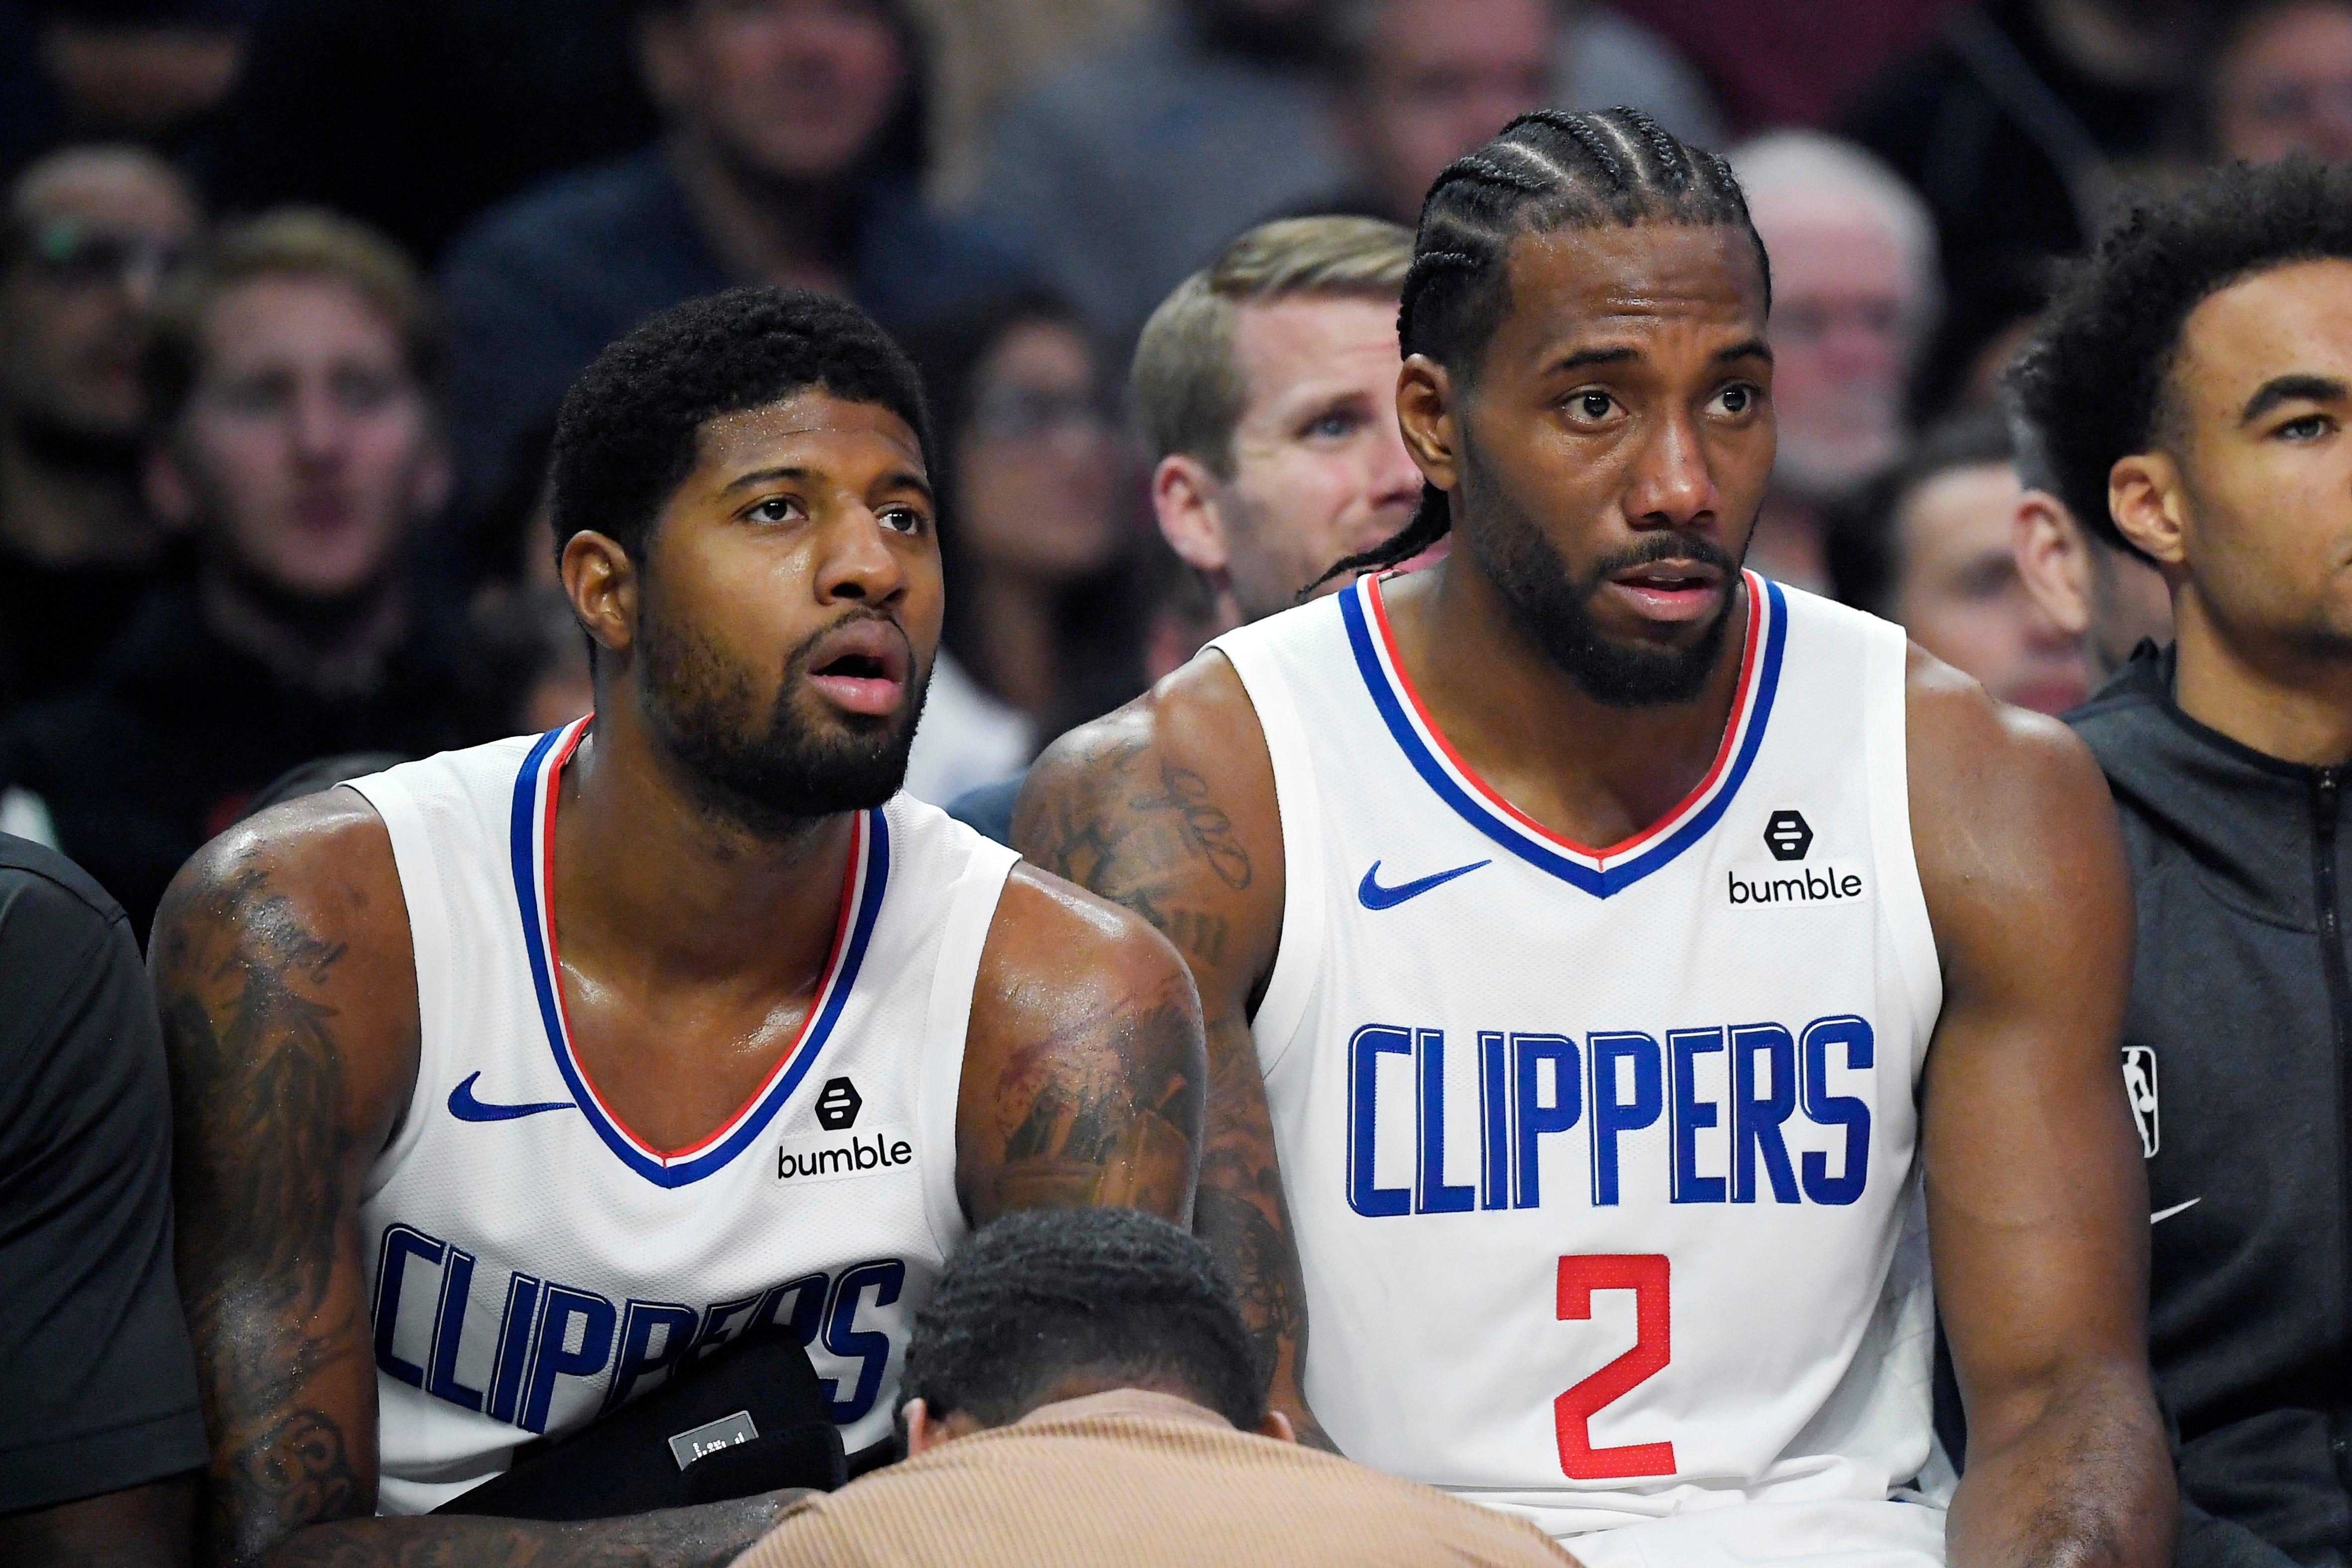 喬治和Leonard竟從未在訓練場上同時出現,頻繁的輪休讓兩人缺少溝通!主教練這一番話很無奈!-黑特籃球-NBA新聞影音圖片分享社區